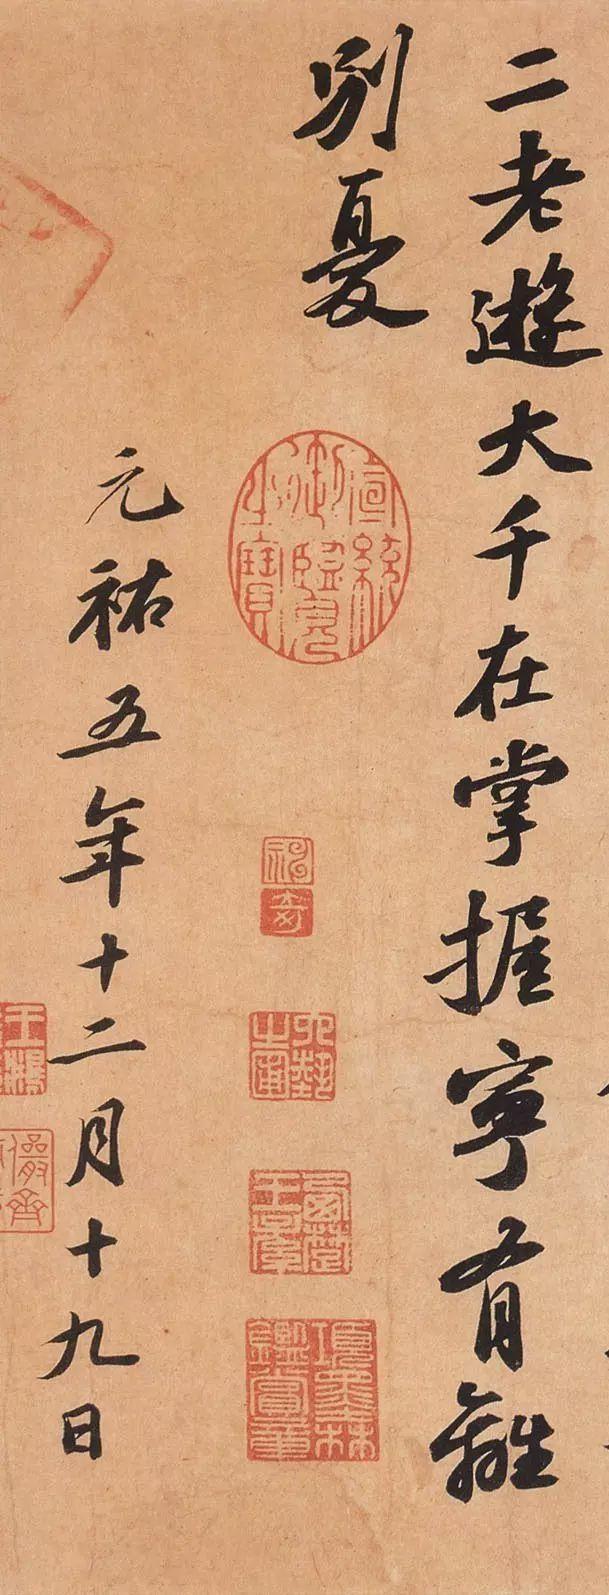 [转载]苏轼手札书法欣赏